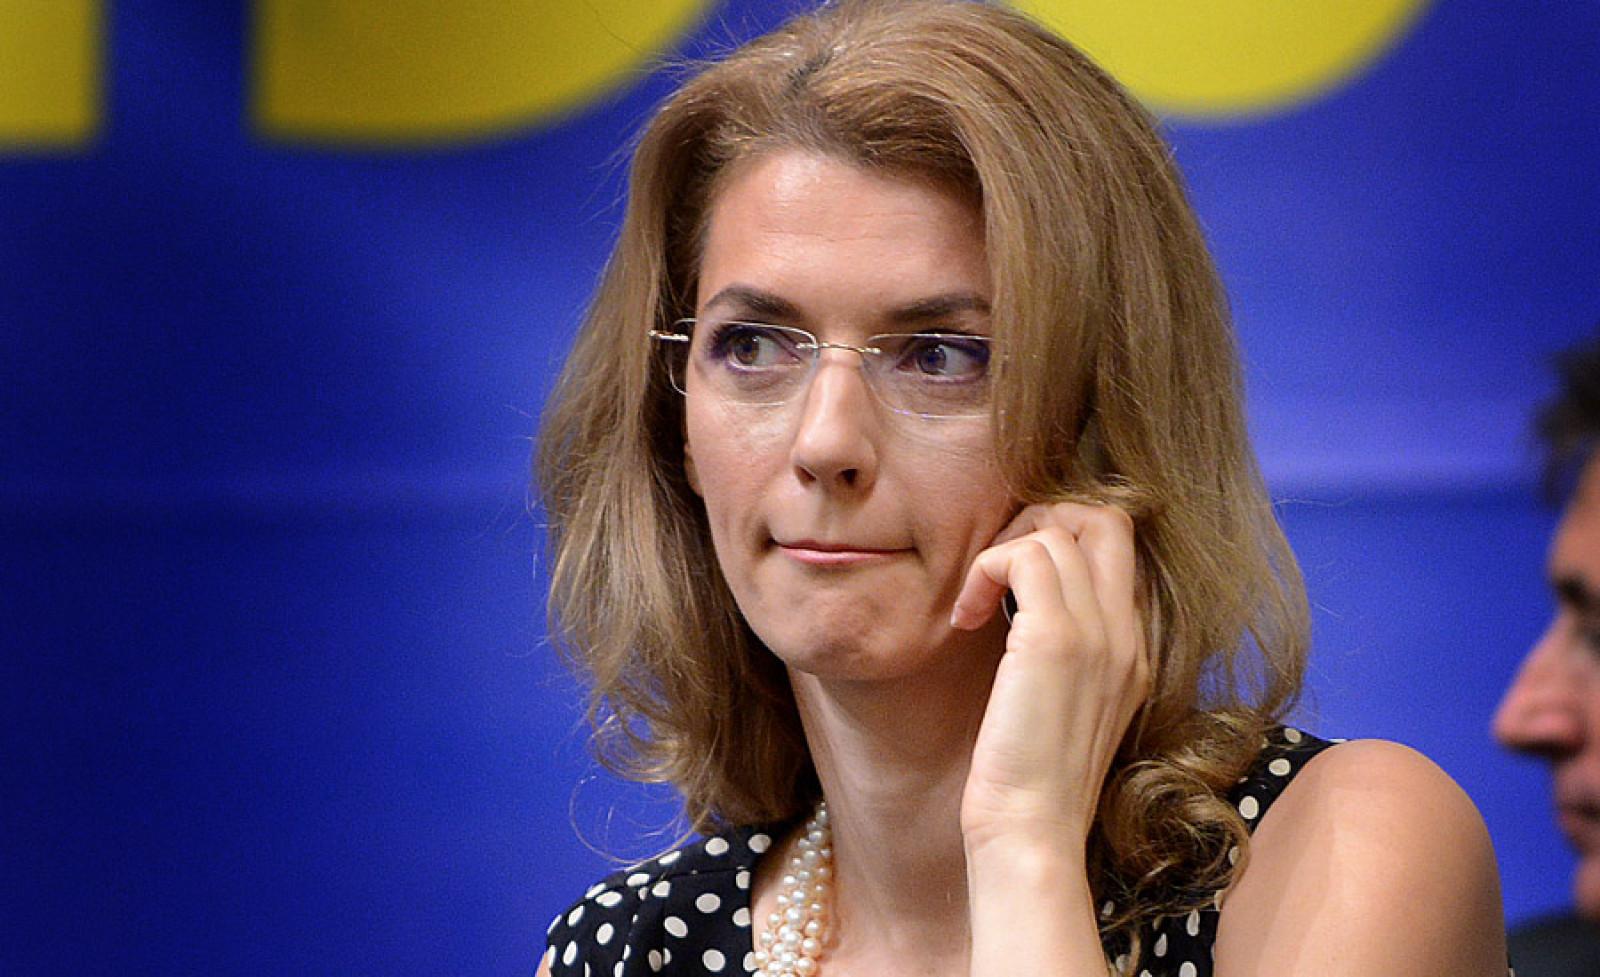 Președintele PNL Alina Gorghiu a declarat, la Timișoara, că își va da demisia în cazul în care liberalii nu vor reuși să facă majoritatea după alegeri.